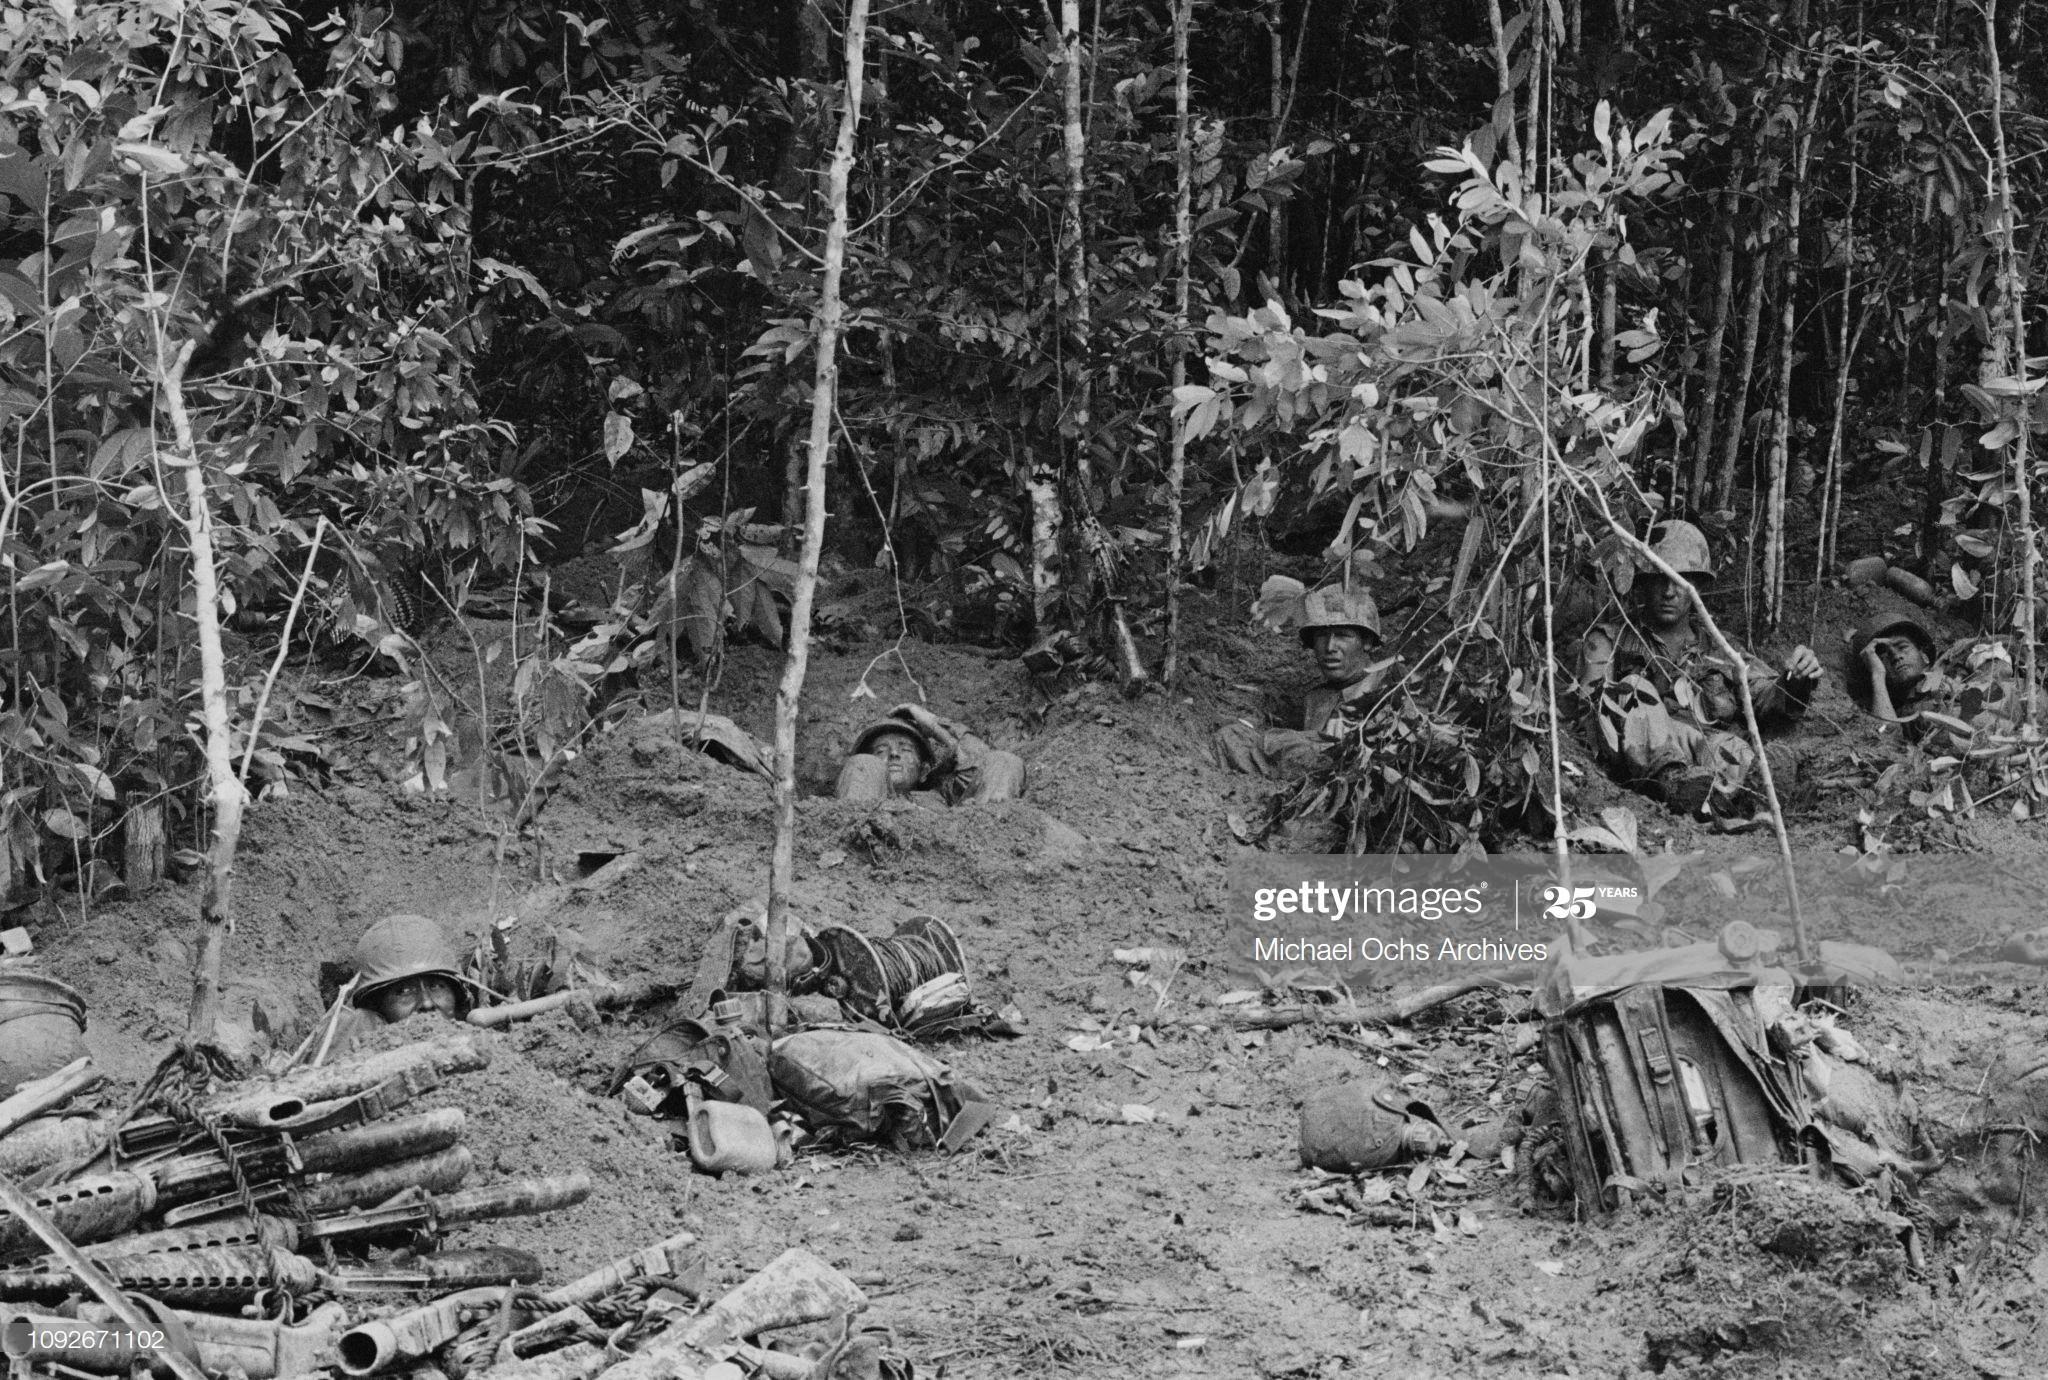 Ảnh độc: Giấc ngủ của lính Mỹ trong chiến tranh Việt Nam Ảnh 4